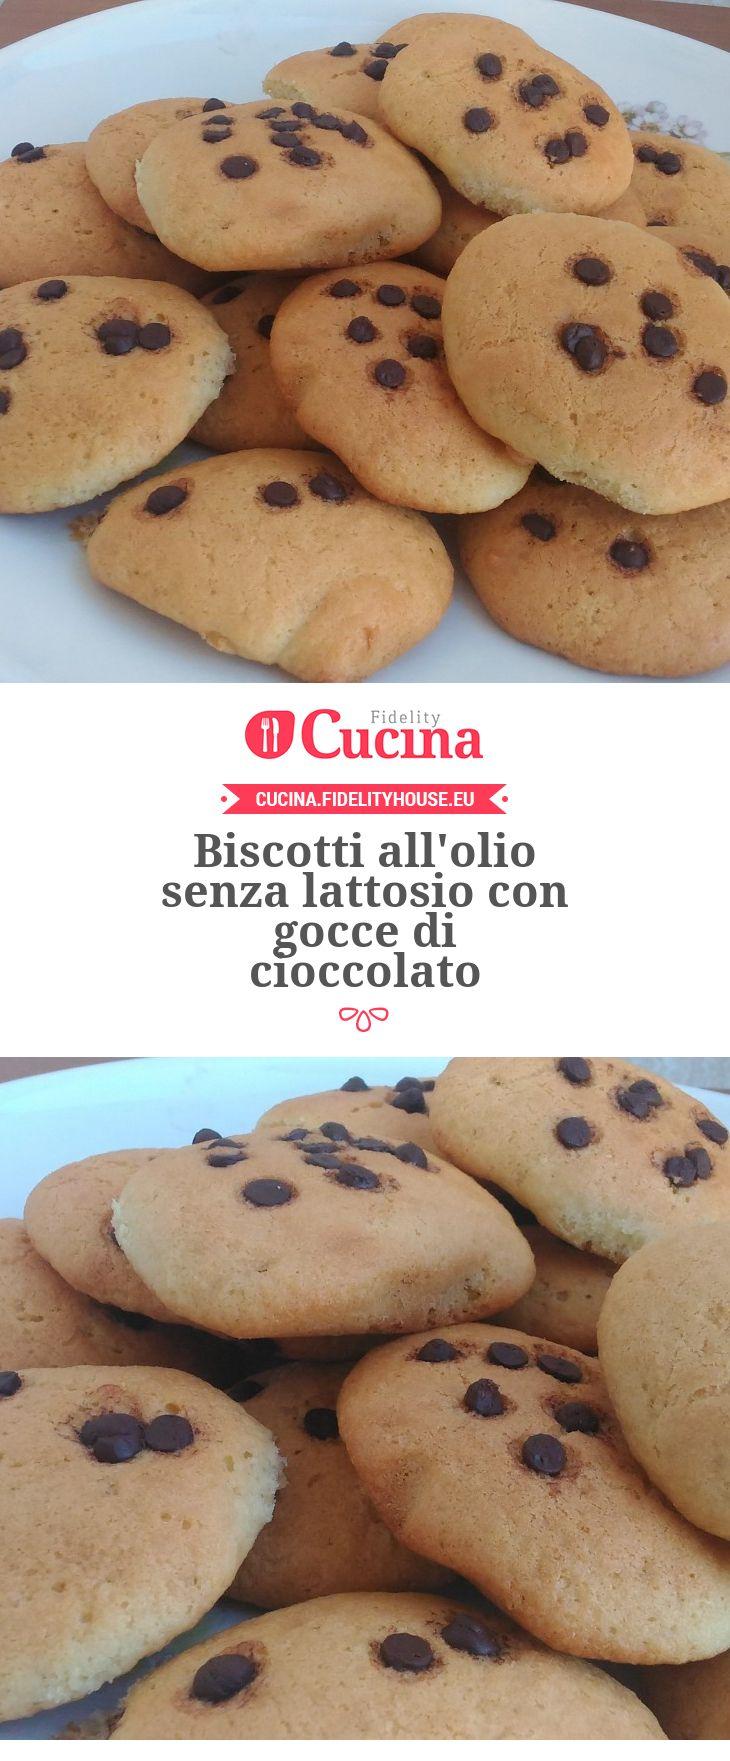 Biscotti all'olio senza lattosio con gocce di cioccolato